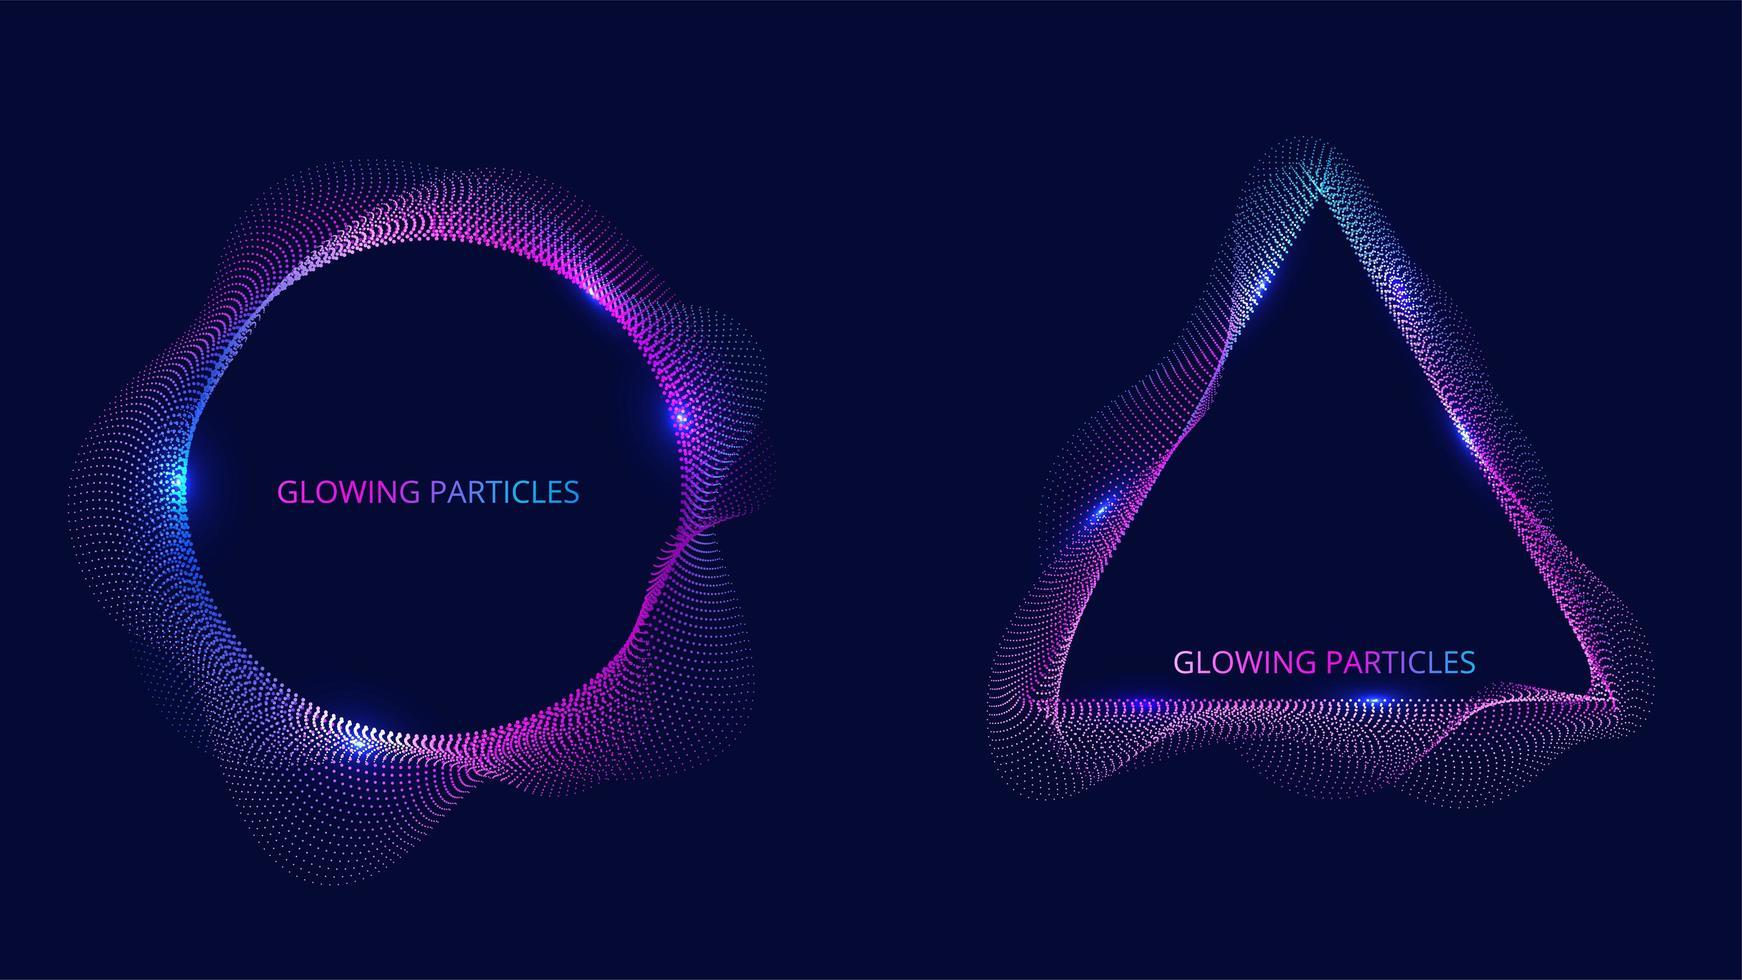 blauwe en paarse cirkel en driehoek deeltje vector